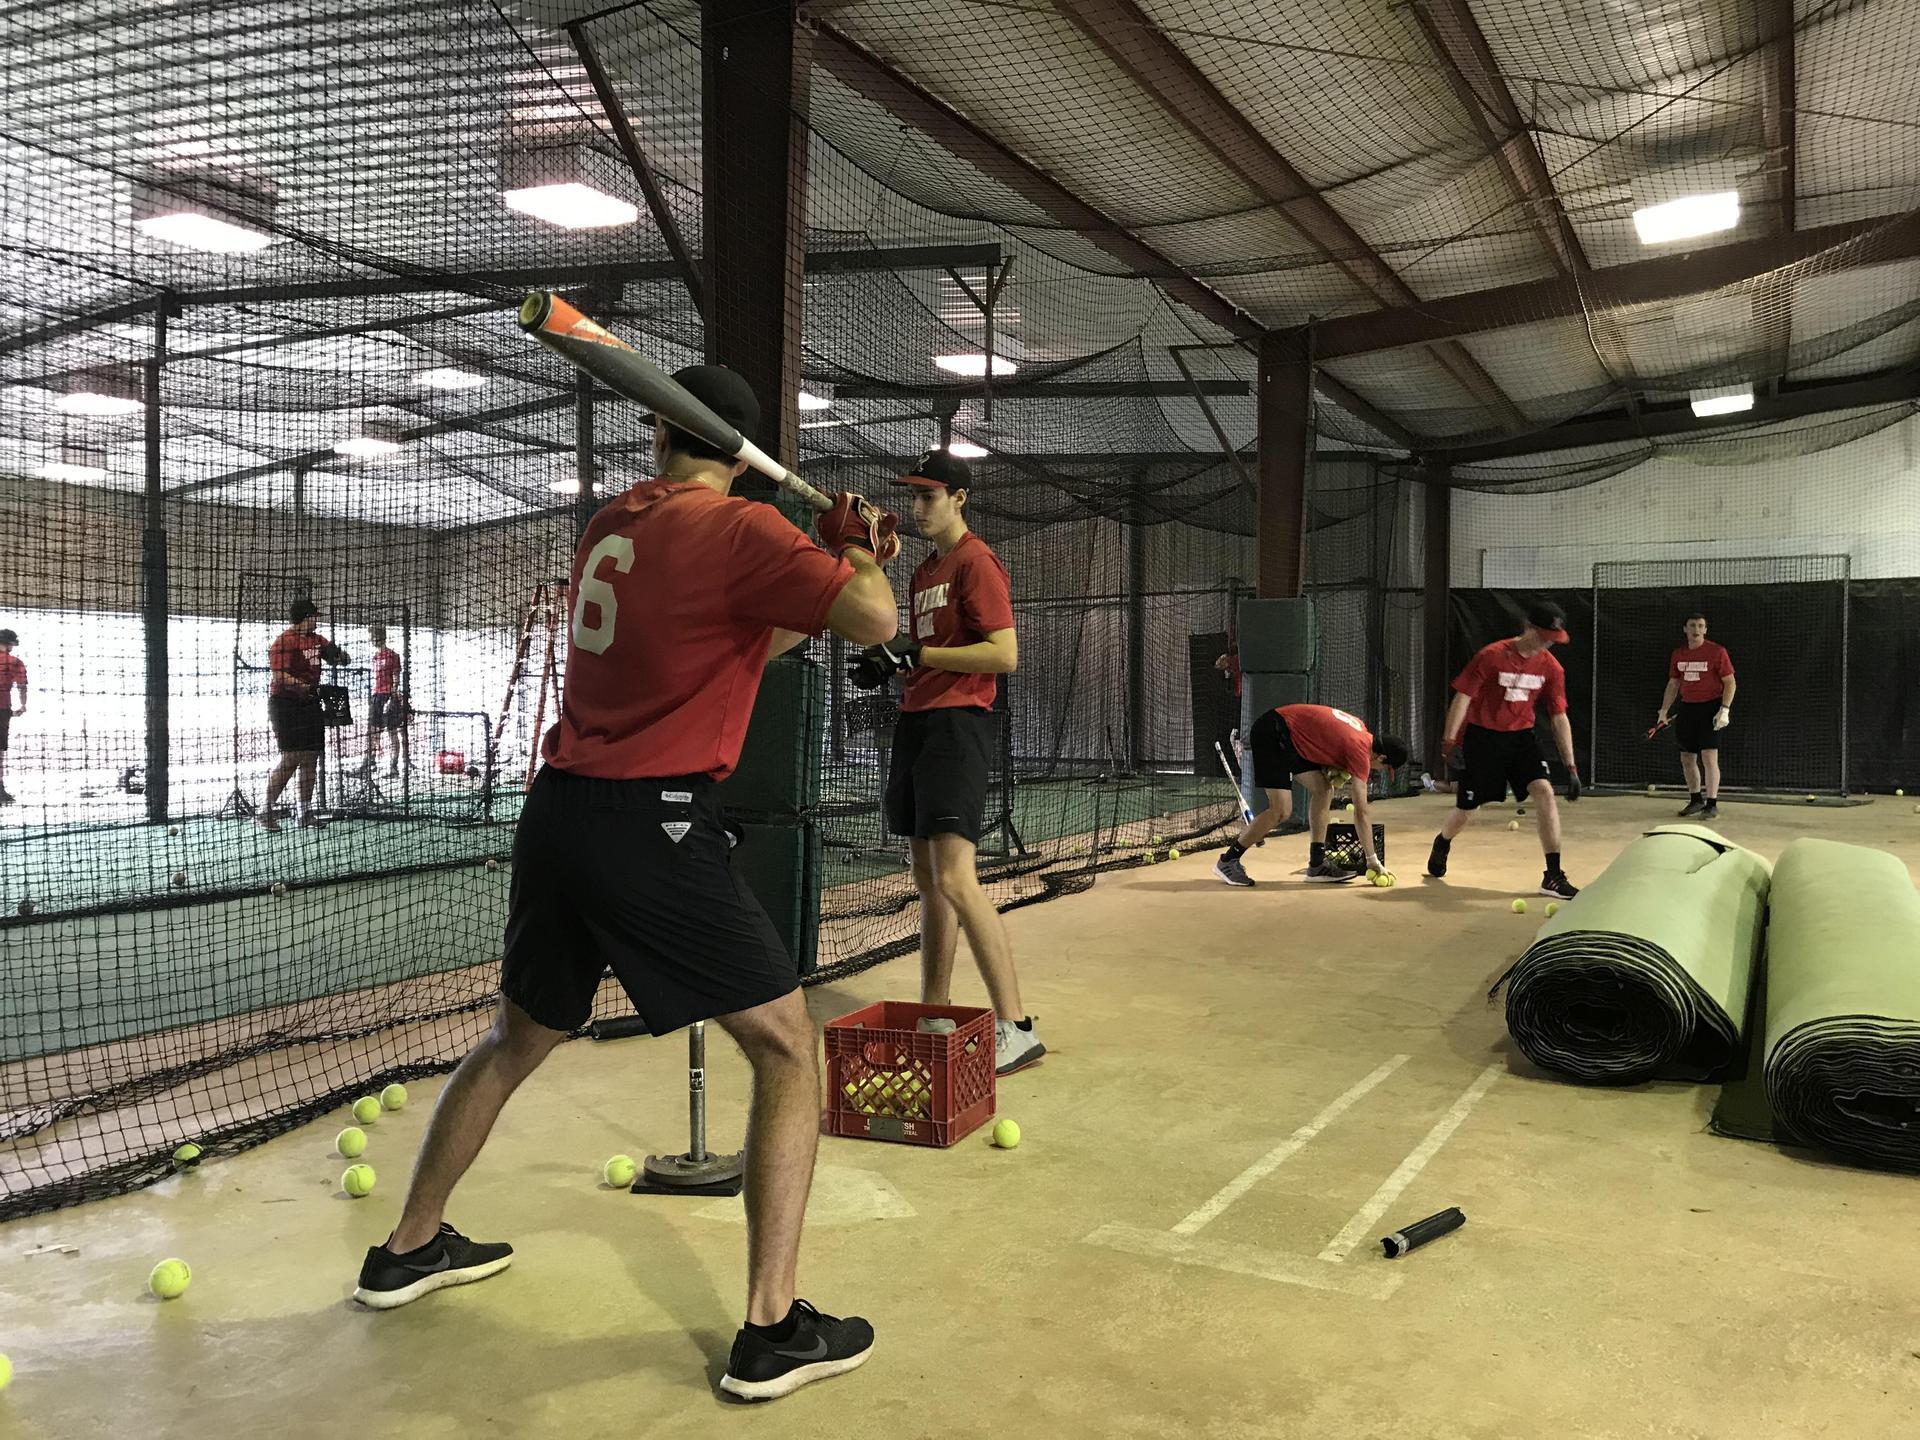 West Lauderdale High School Baseball Team practice